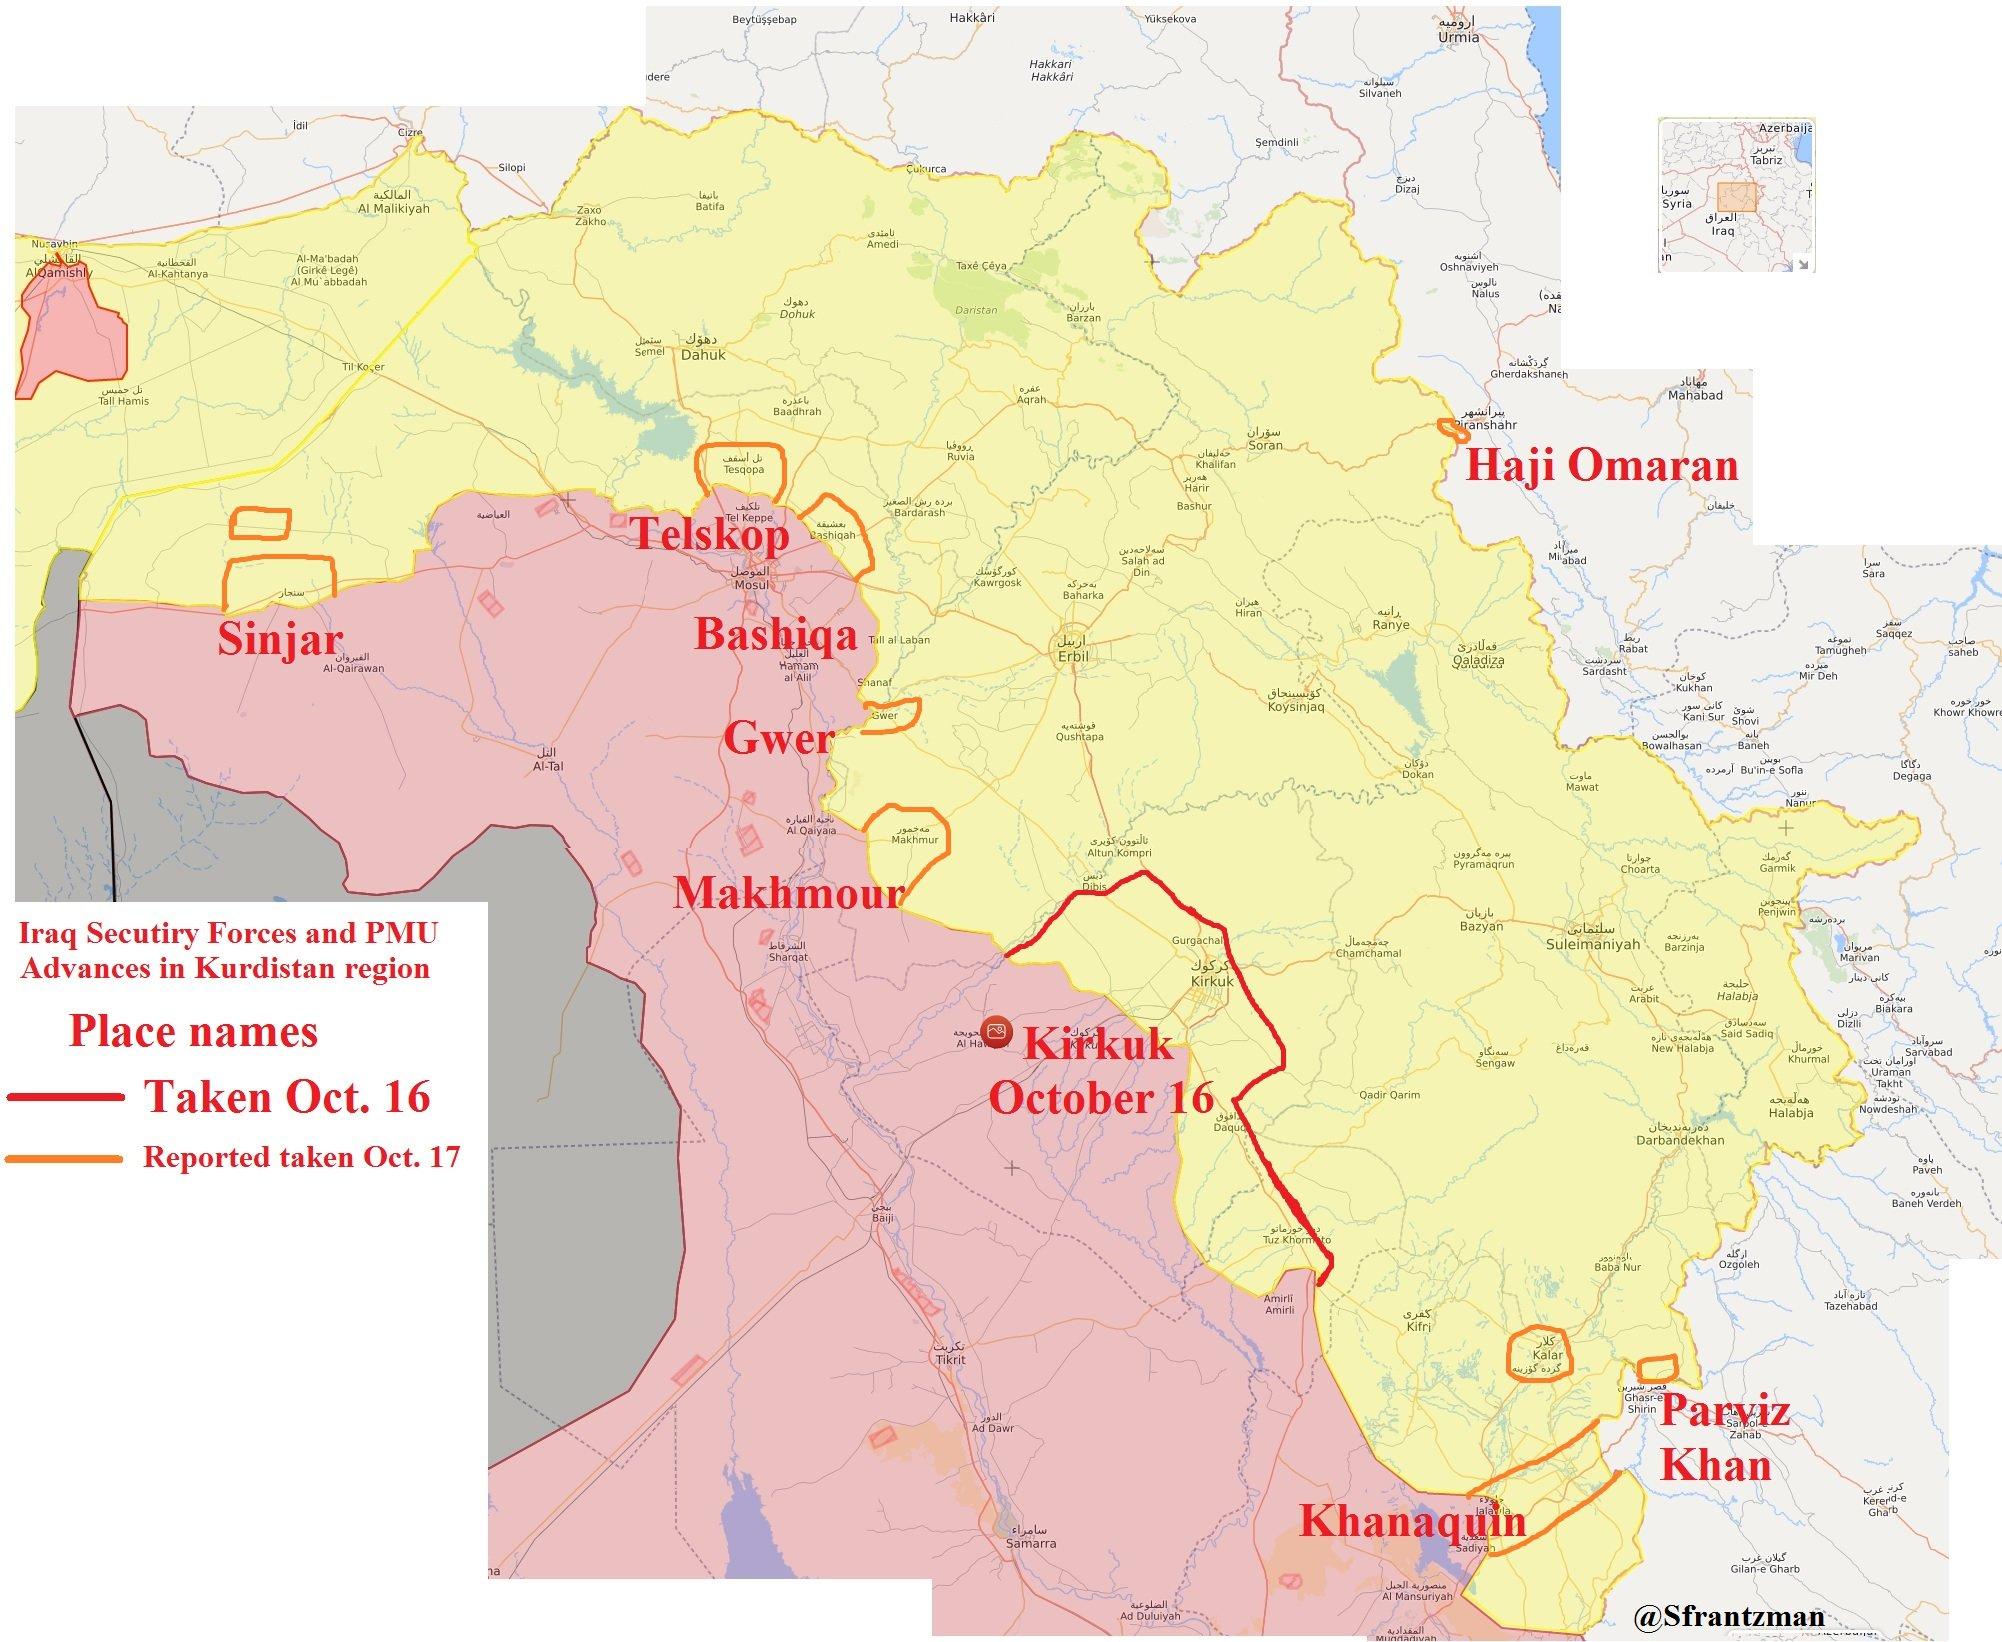 Иракская армия и иракские шиитские ополченцы (PMU), захватывают новые территории у курдов